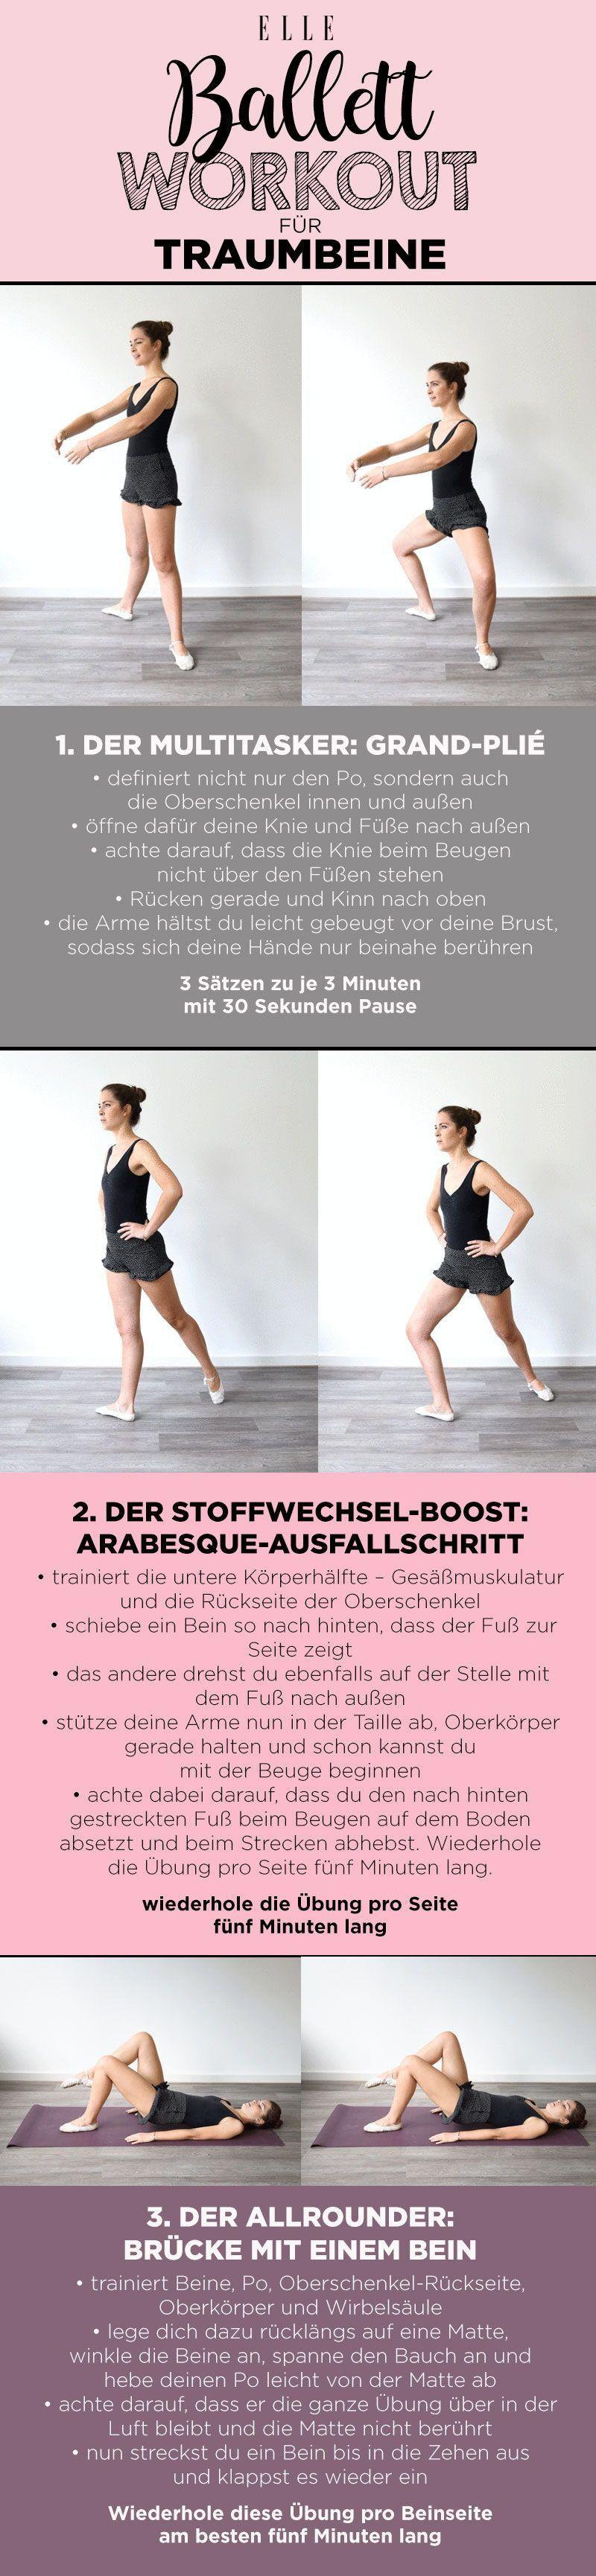 Ballett-Workout definierte Beine: 3 Profi-Übungen #balletfitness Ballett-Workout: drei Profi-Übungen...